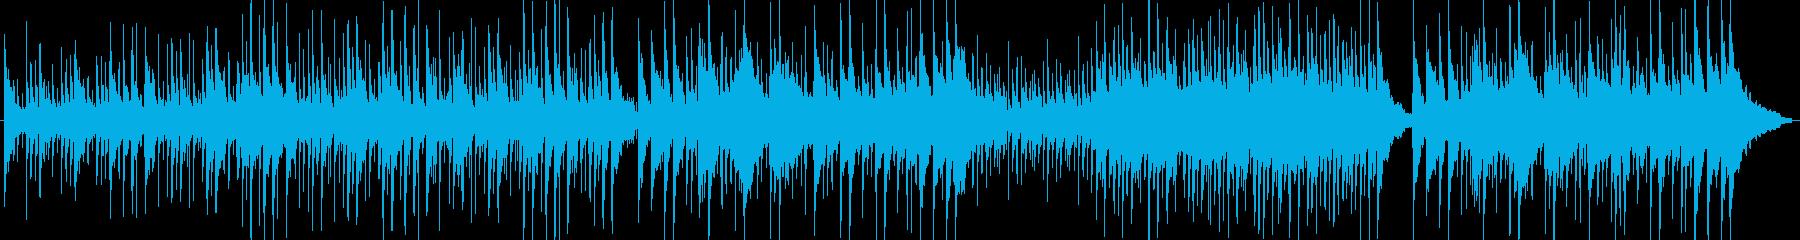 ナイロンとスチールの弦を使用したア...の再生済みの波形